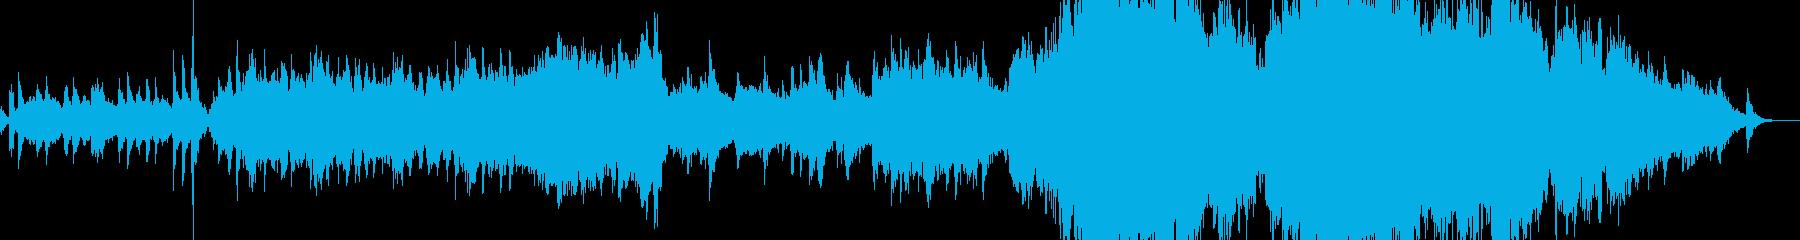 水中イメージの幻想的で温かいオーケストラの再生済みの波形